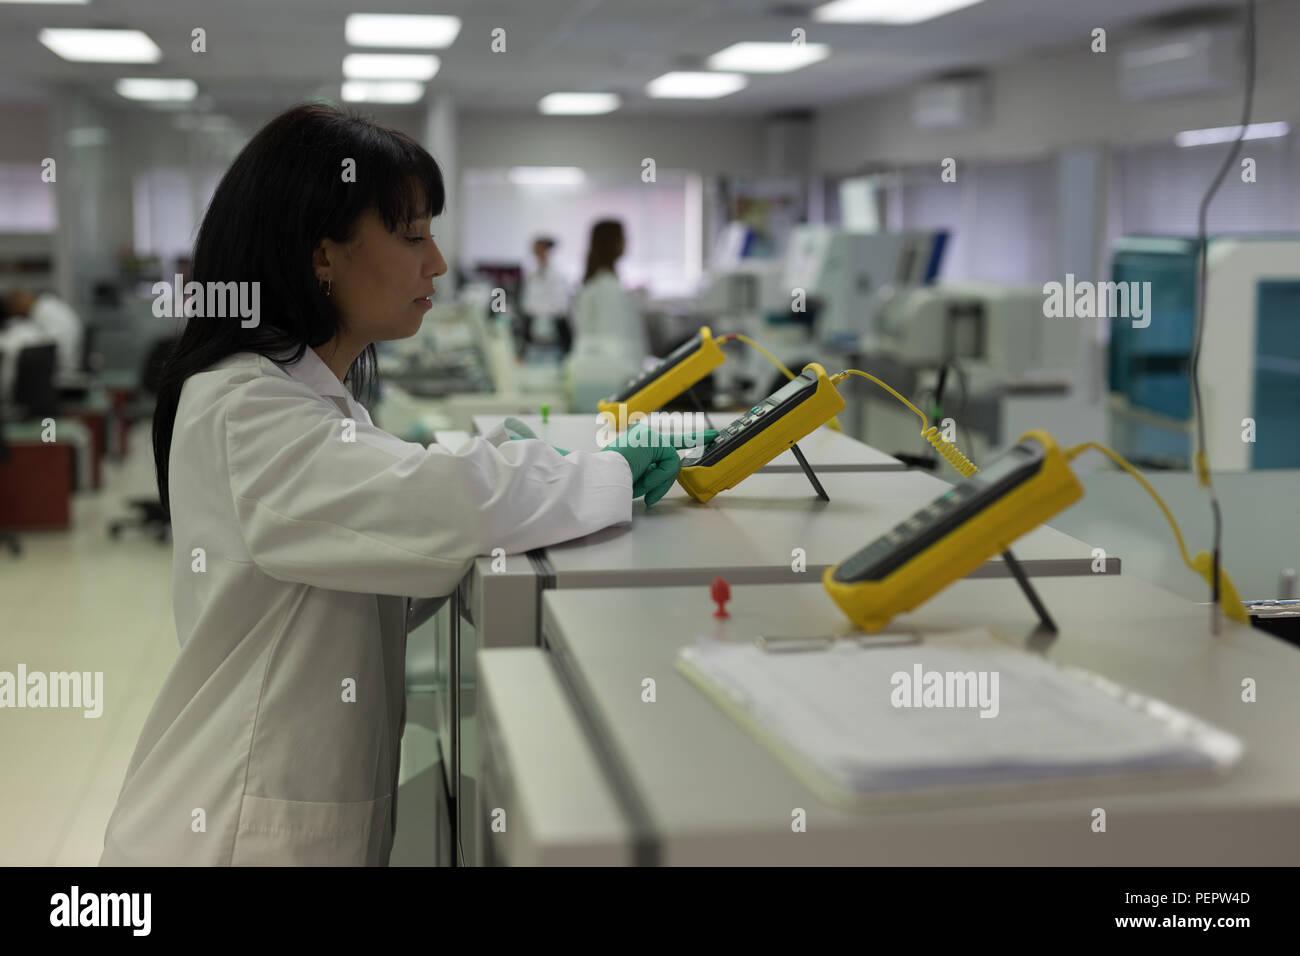 Técnico de laboratorio utilizando dispositivos electrónicos Imagen De Stock